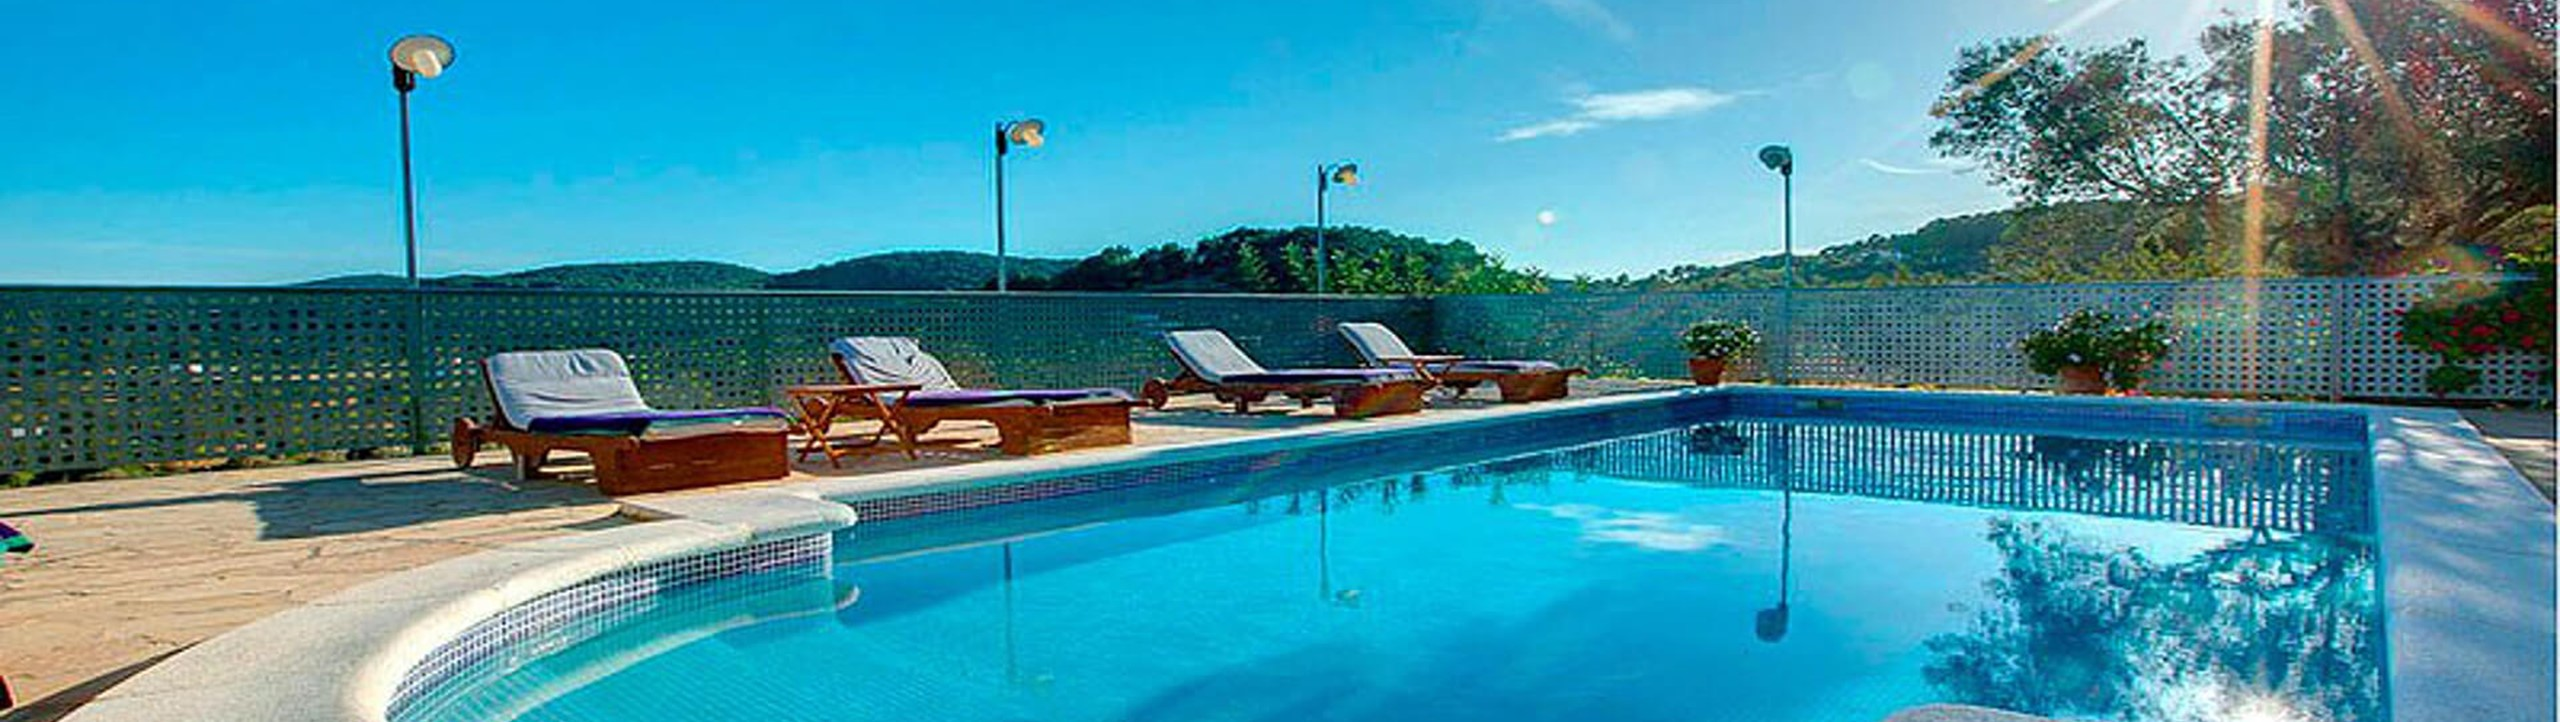 Villa Miguel De Balansat Ibiza 1 Near San Miguel North Ibiza Unique Ibiza Villas